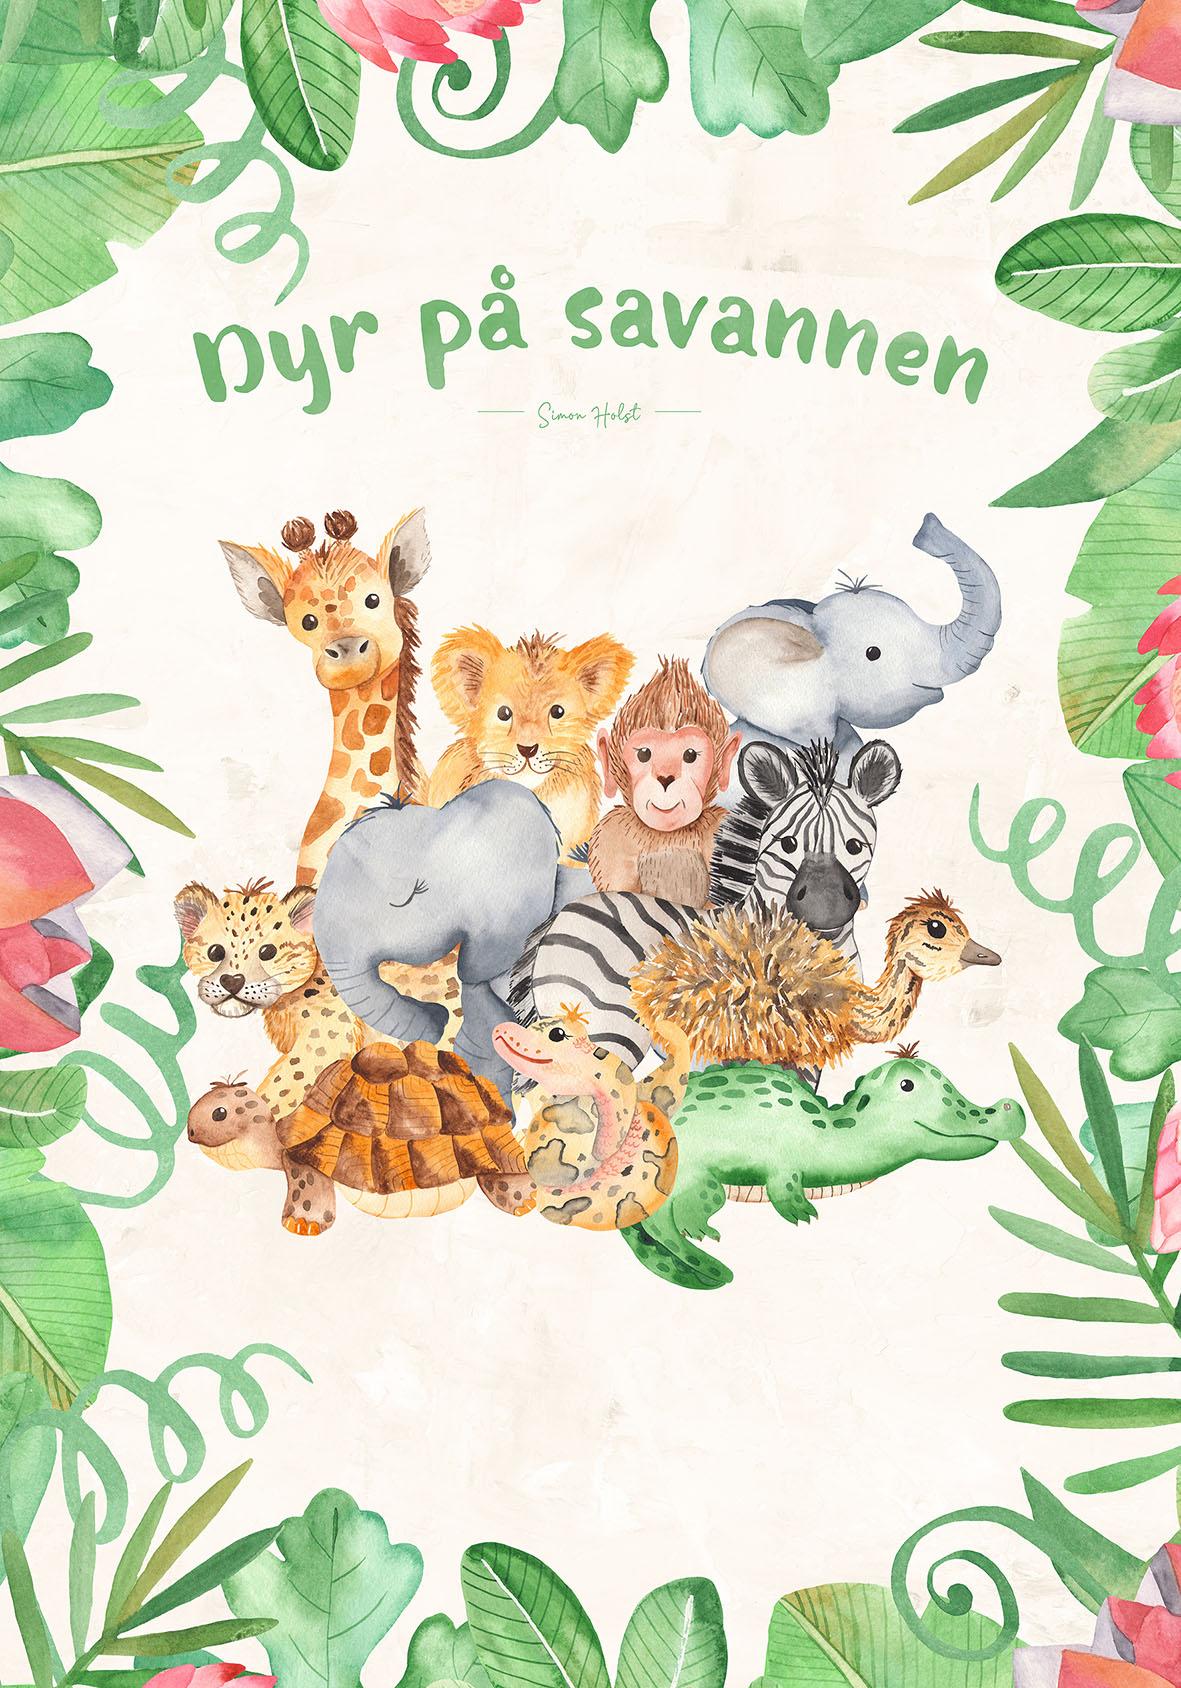 Dyr på savannen